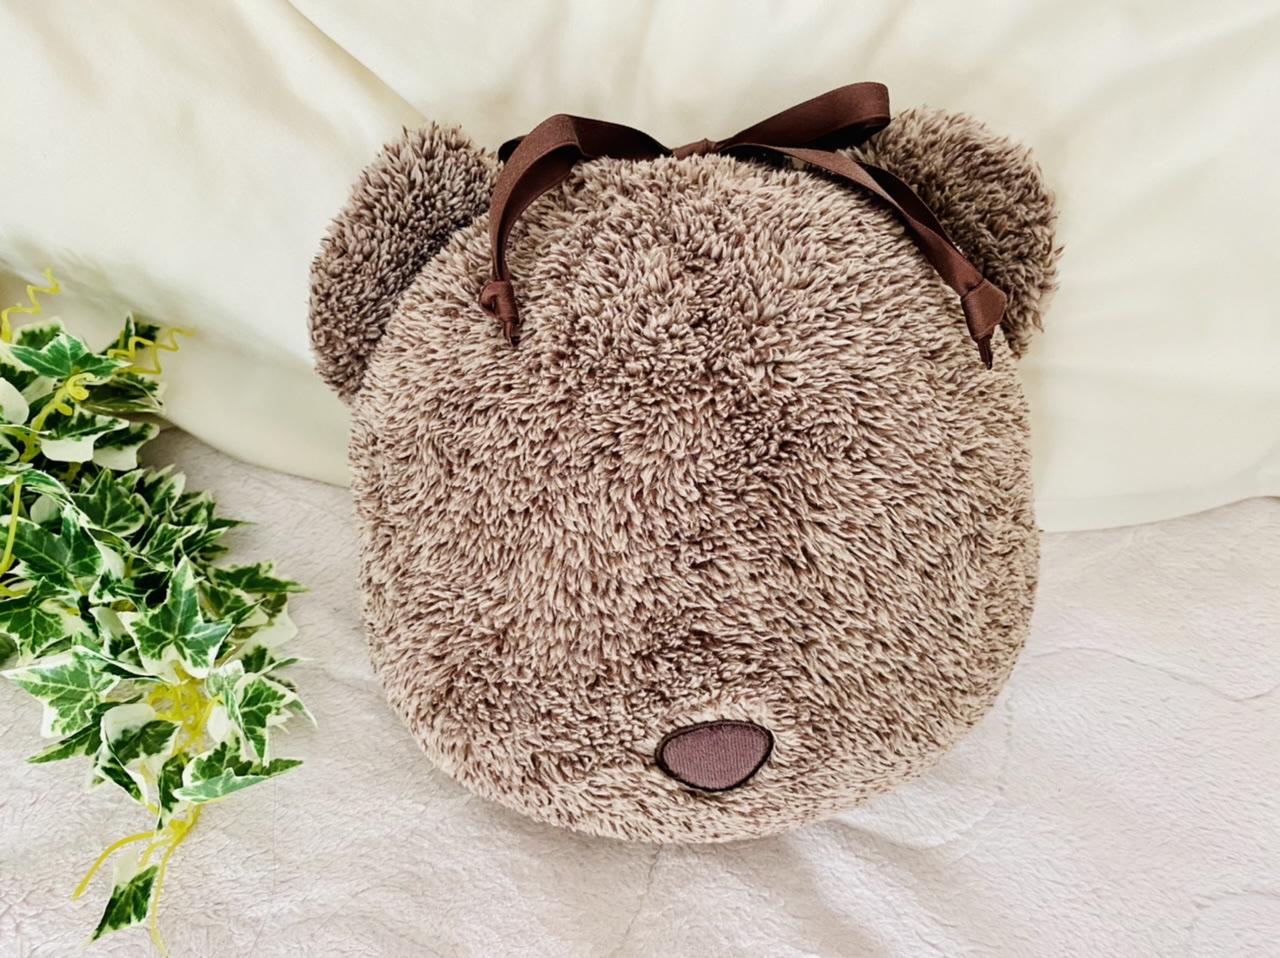 【GU新作】クマさん可愛すぎ♡クッションにもなる《4WAYブランケット》は今冬絶対買い!_1